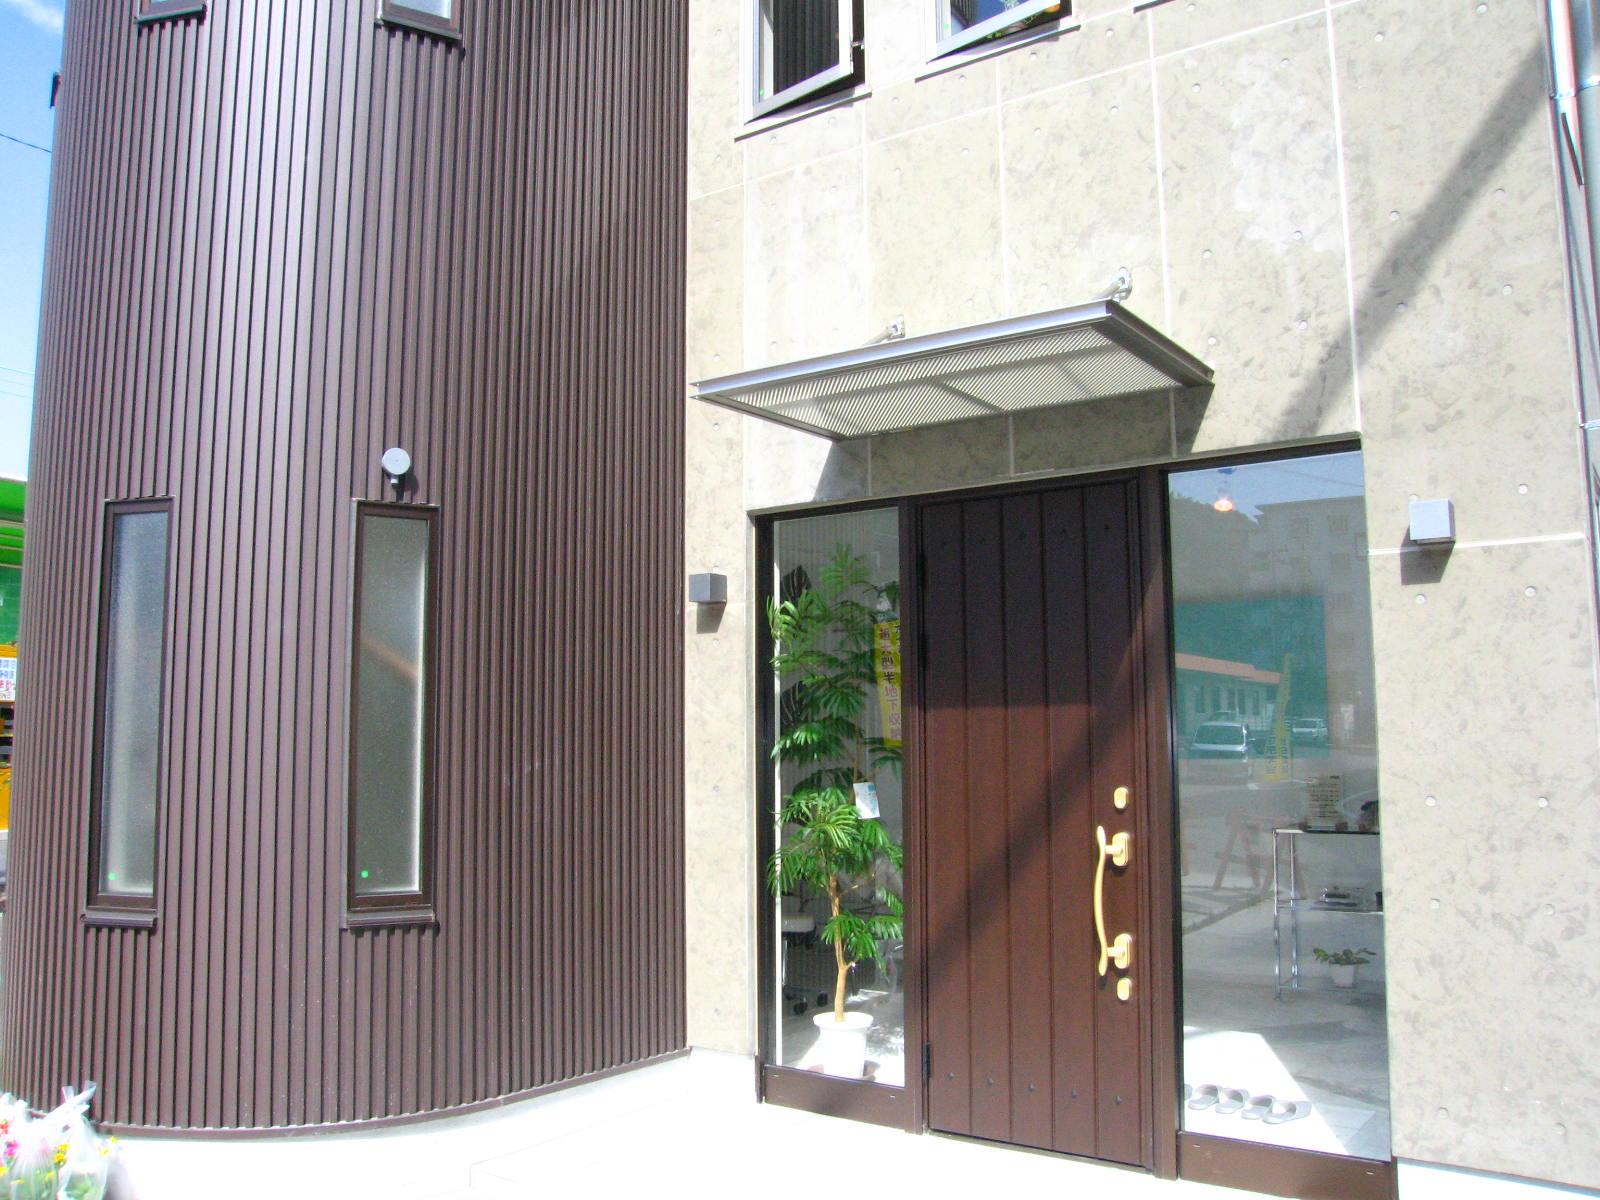 駅前に建つRデザインの店舗併用住宅(サロン) 静岡市清水区